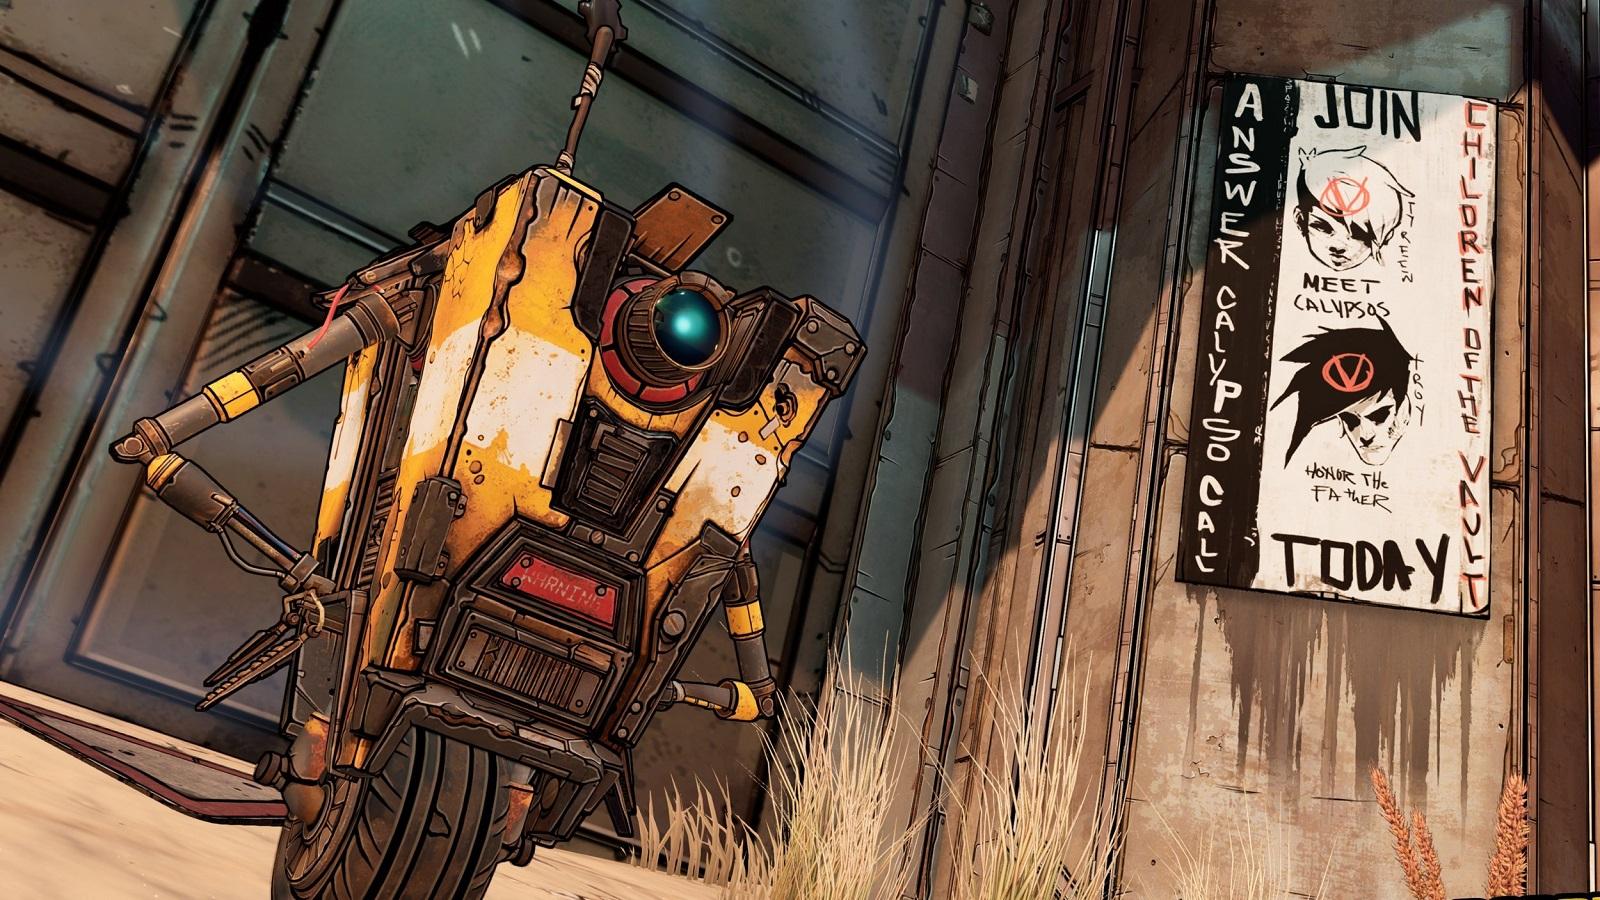 Разговорчивого робота Клэптрэпа в экранизации Borderlands сыграет Джек Блэк